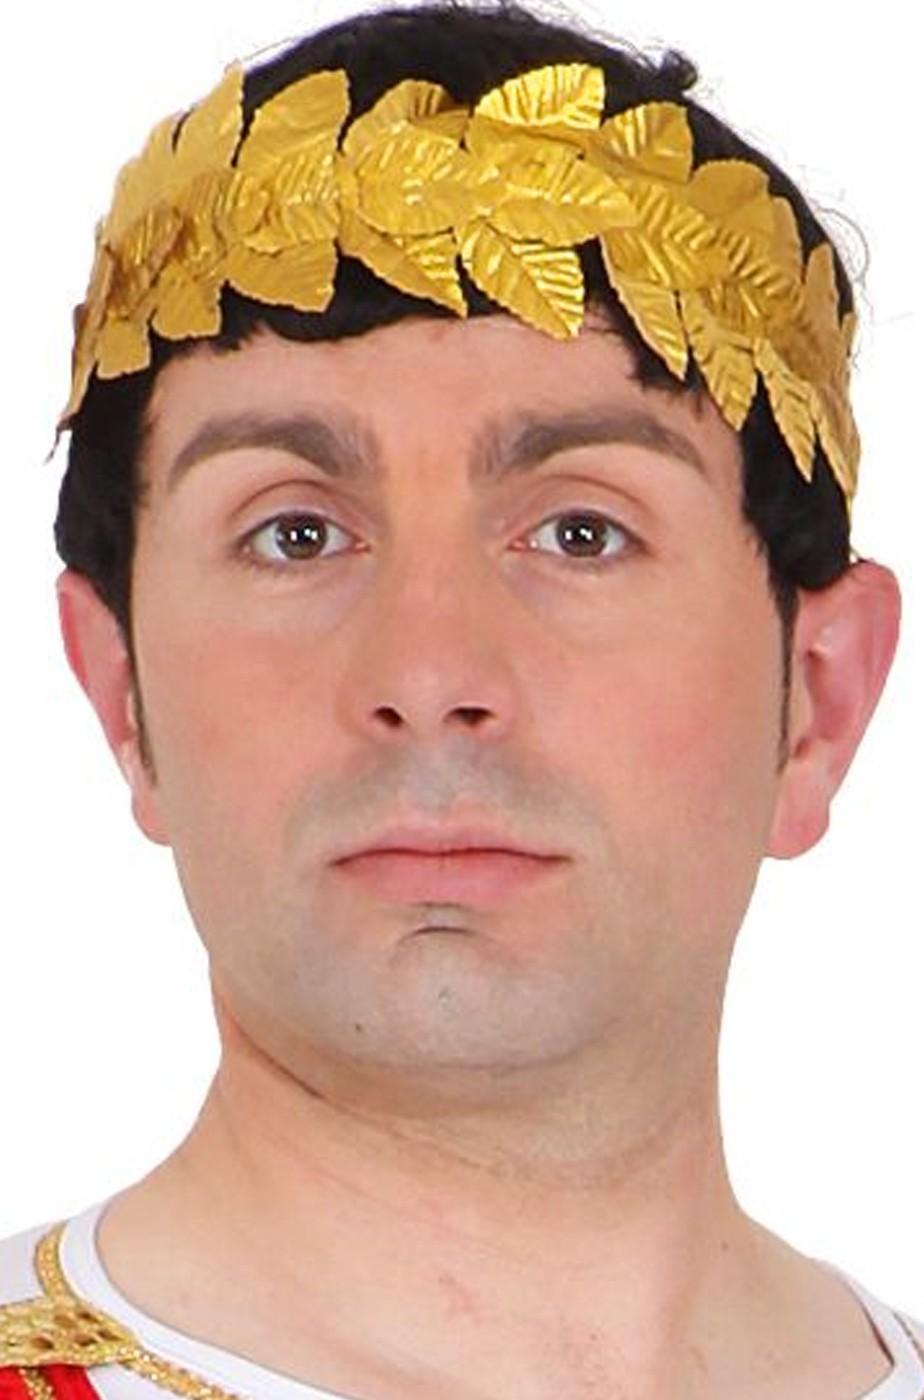 Corona di alloro antico imperatore romano o laureato